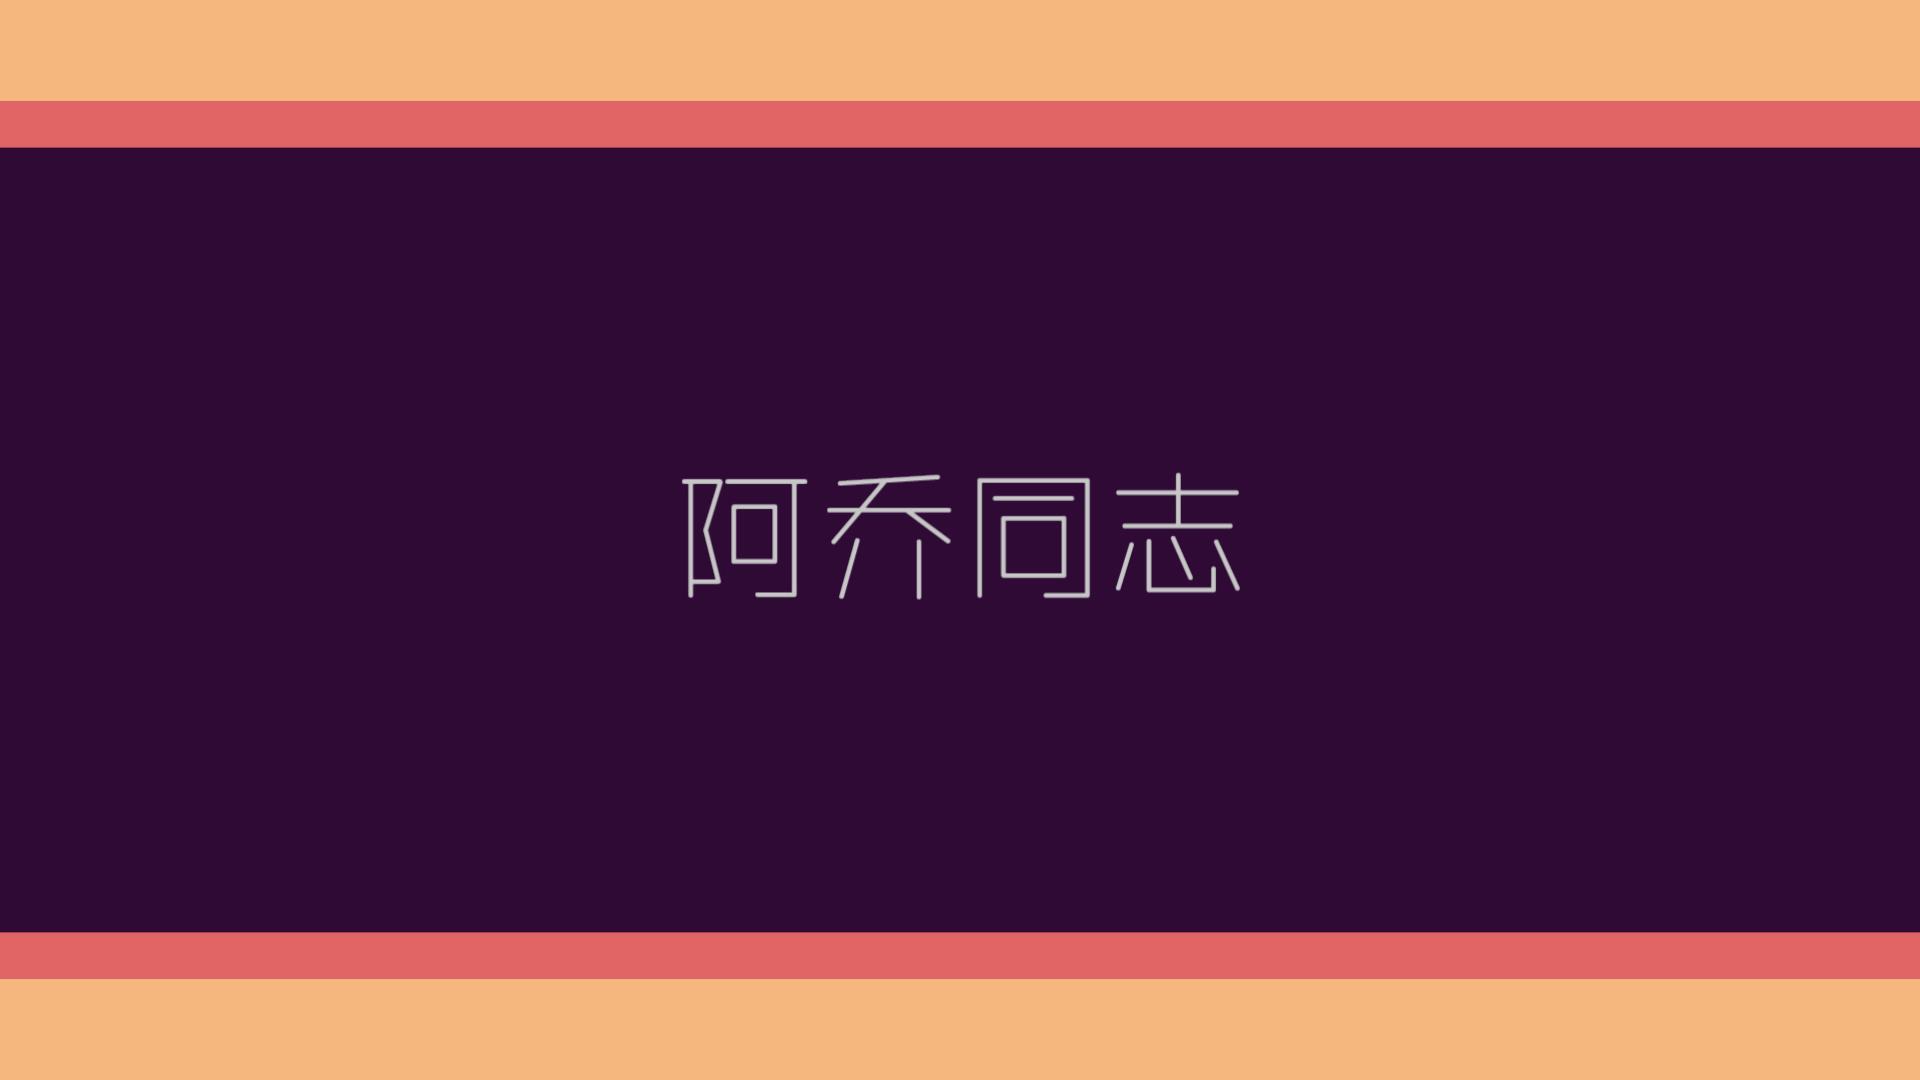 JOE\-52 高端大气片头LOGO文字展示